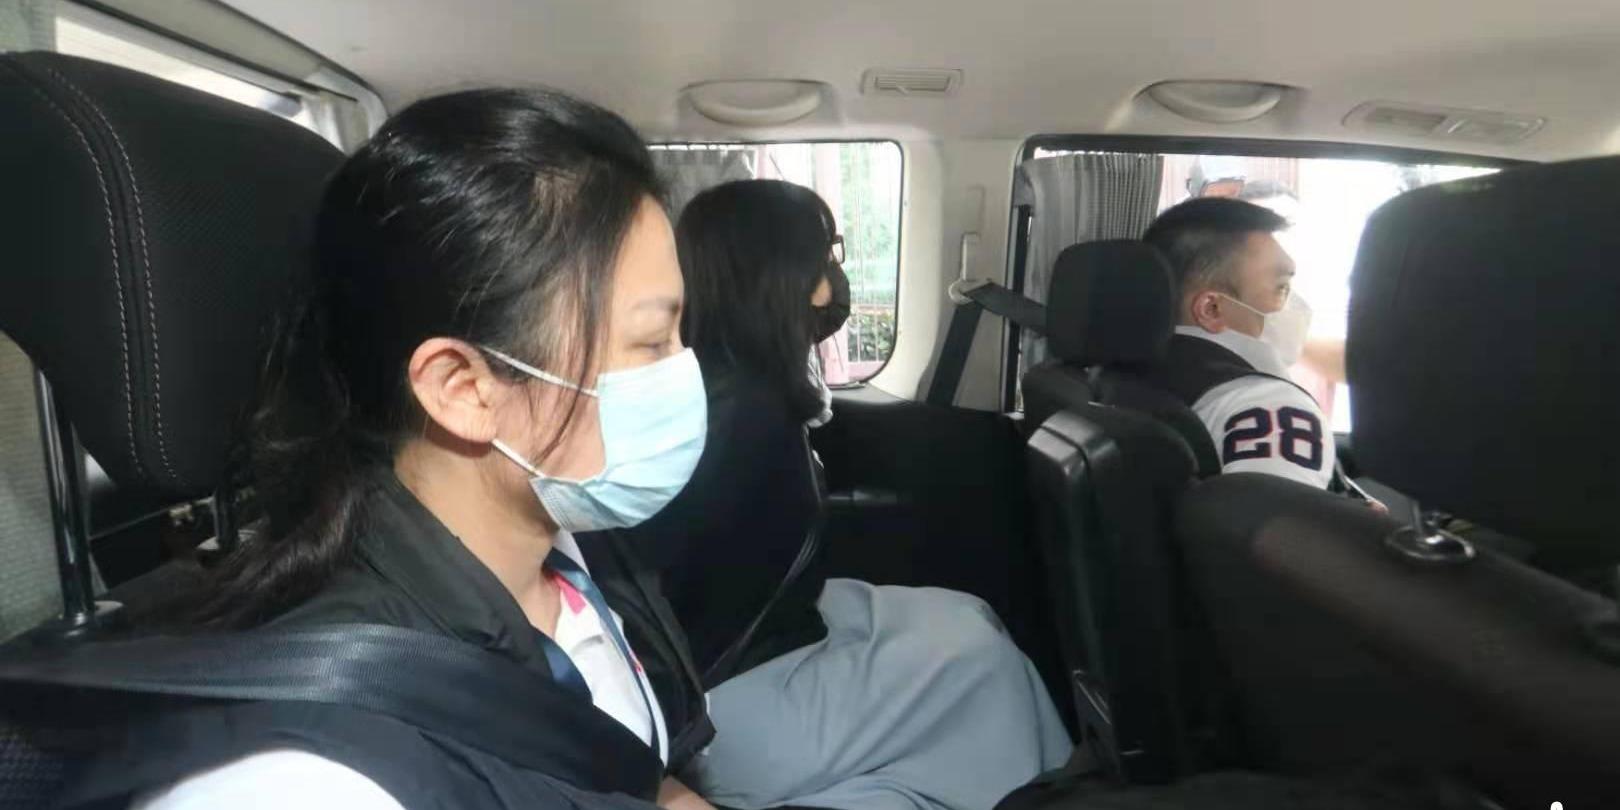 李卓人何俊仁鄒幸彤被控煽動顛覆國家政權  案件明提堂